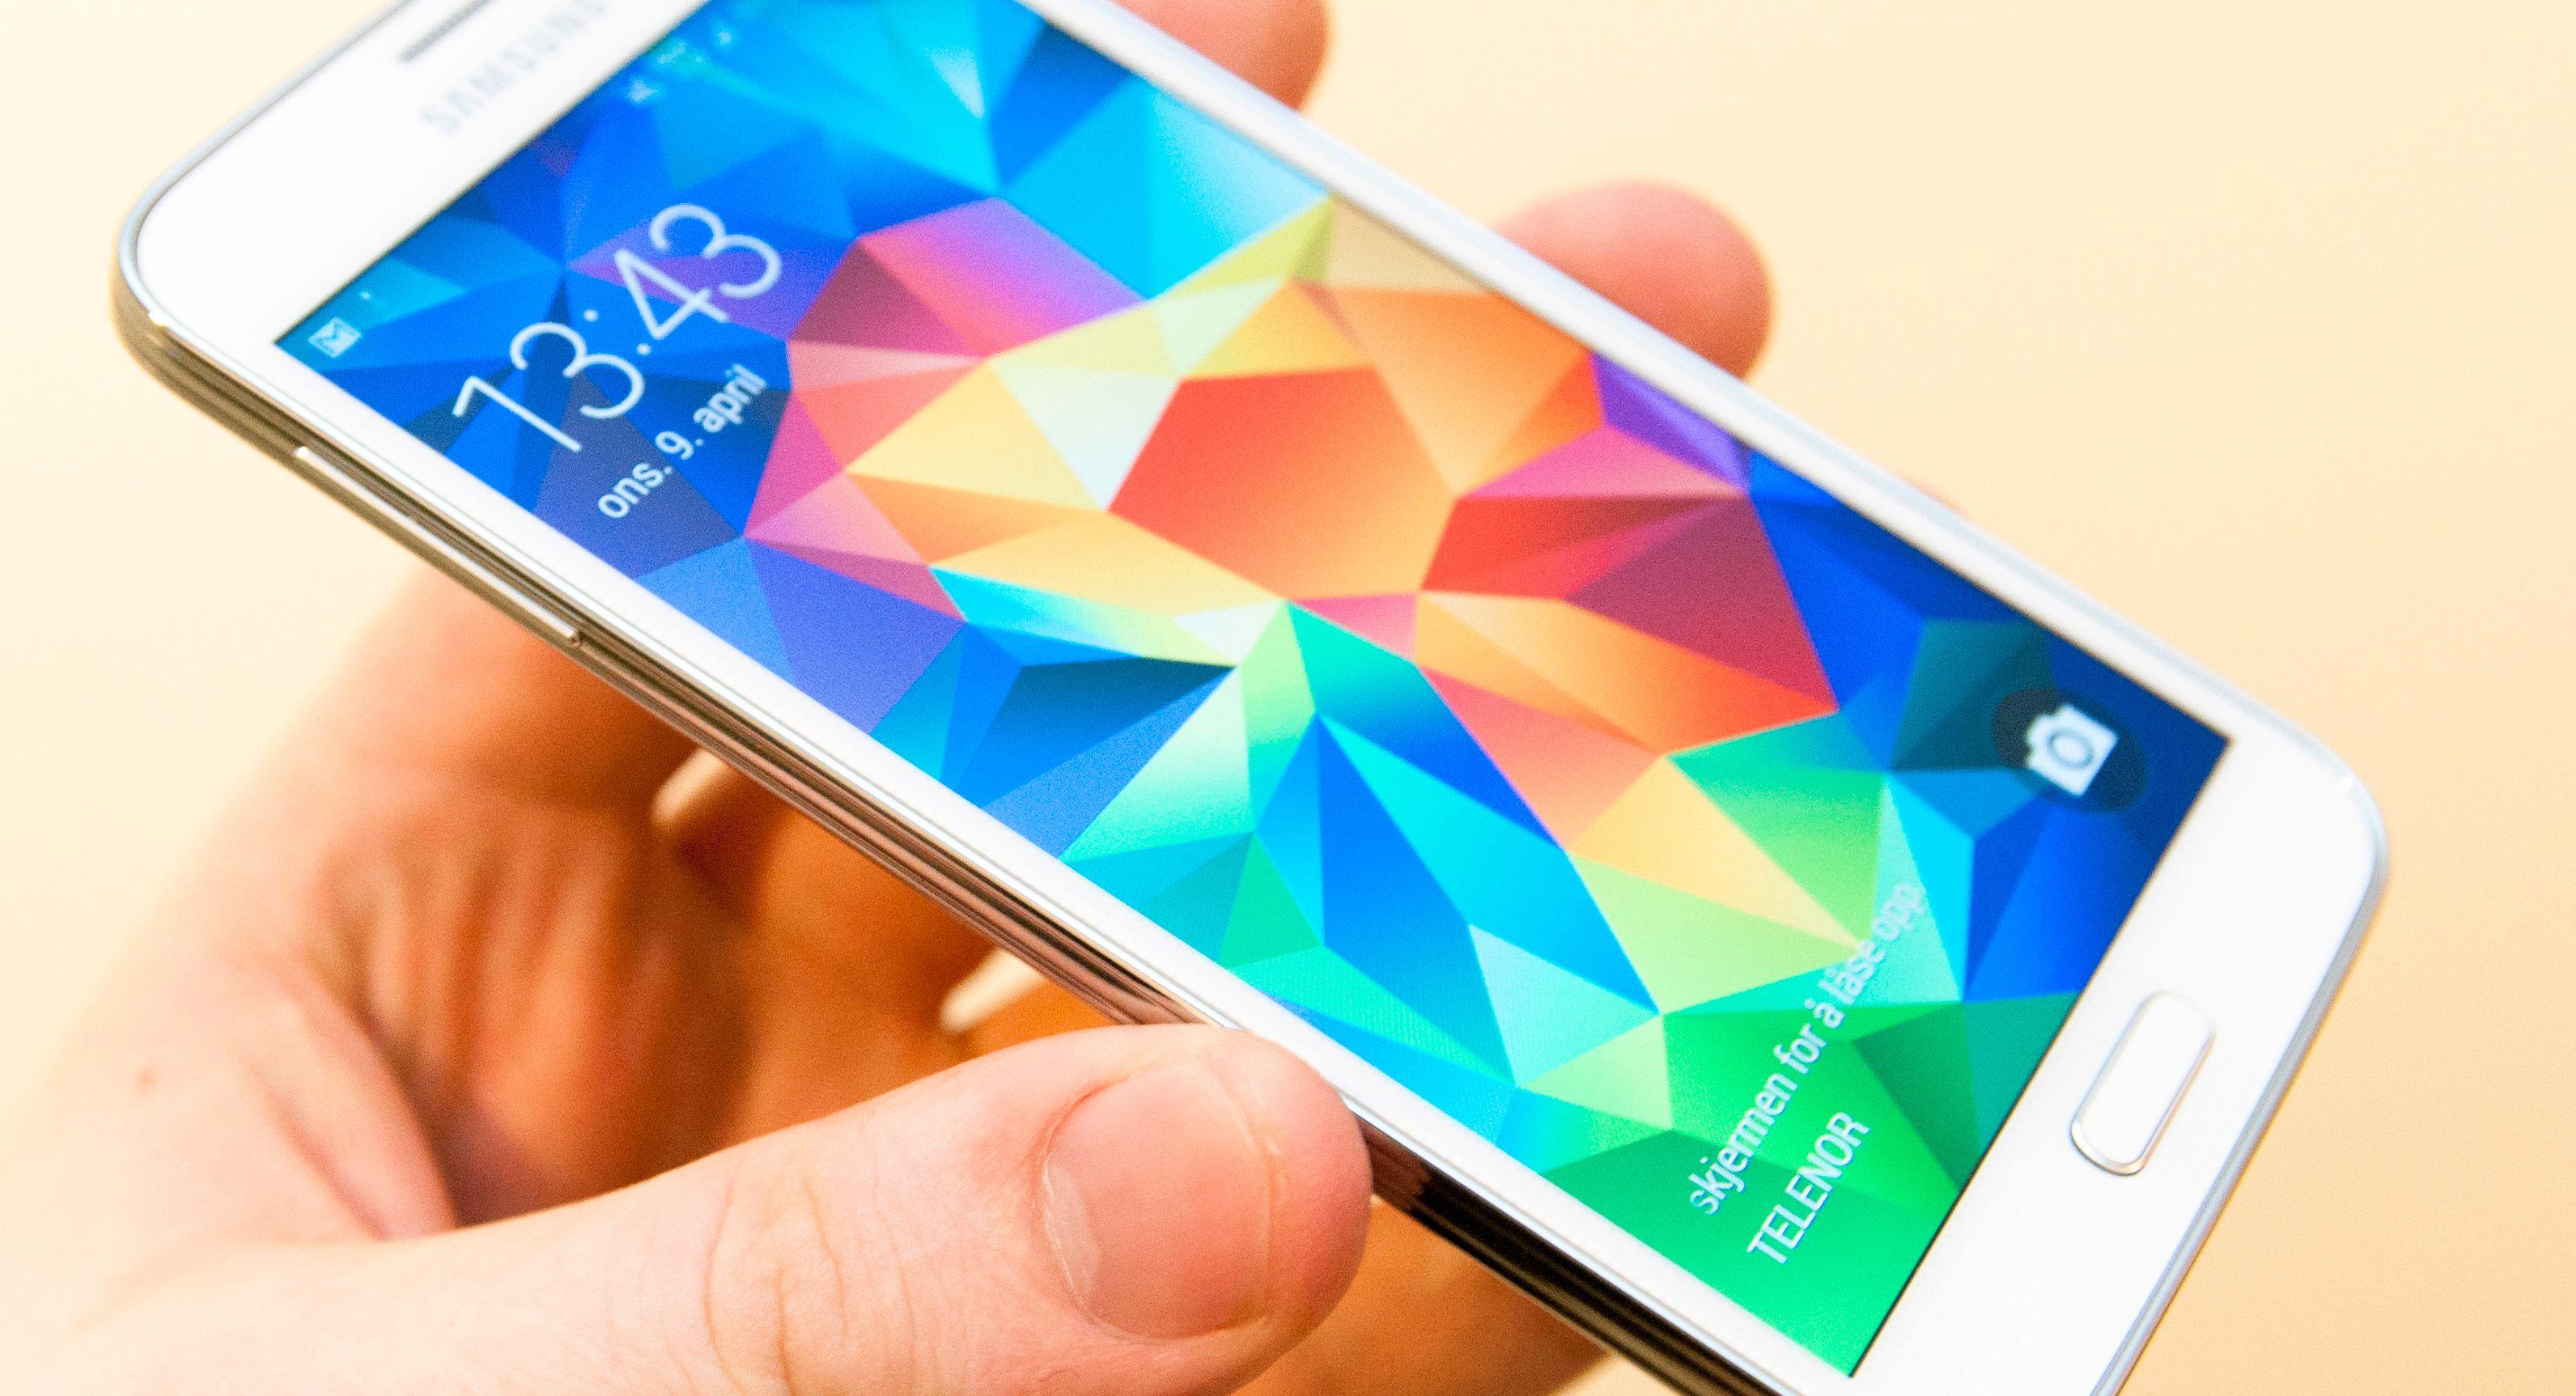 Samsung Galaxy S5 har hastighetsrekorden i testen.Foto: Finn Jarle Kvalheim, Amobil.no